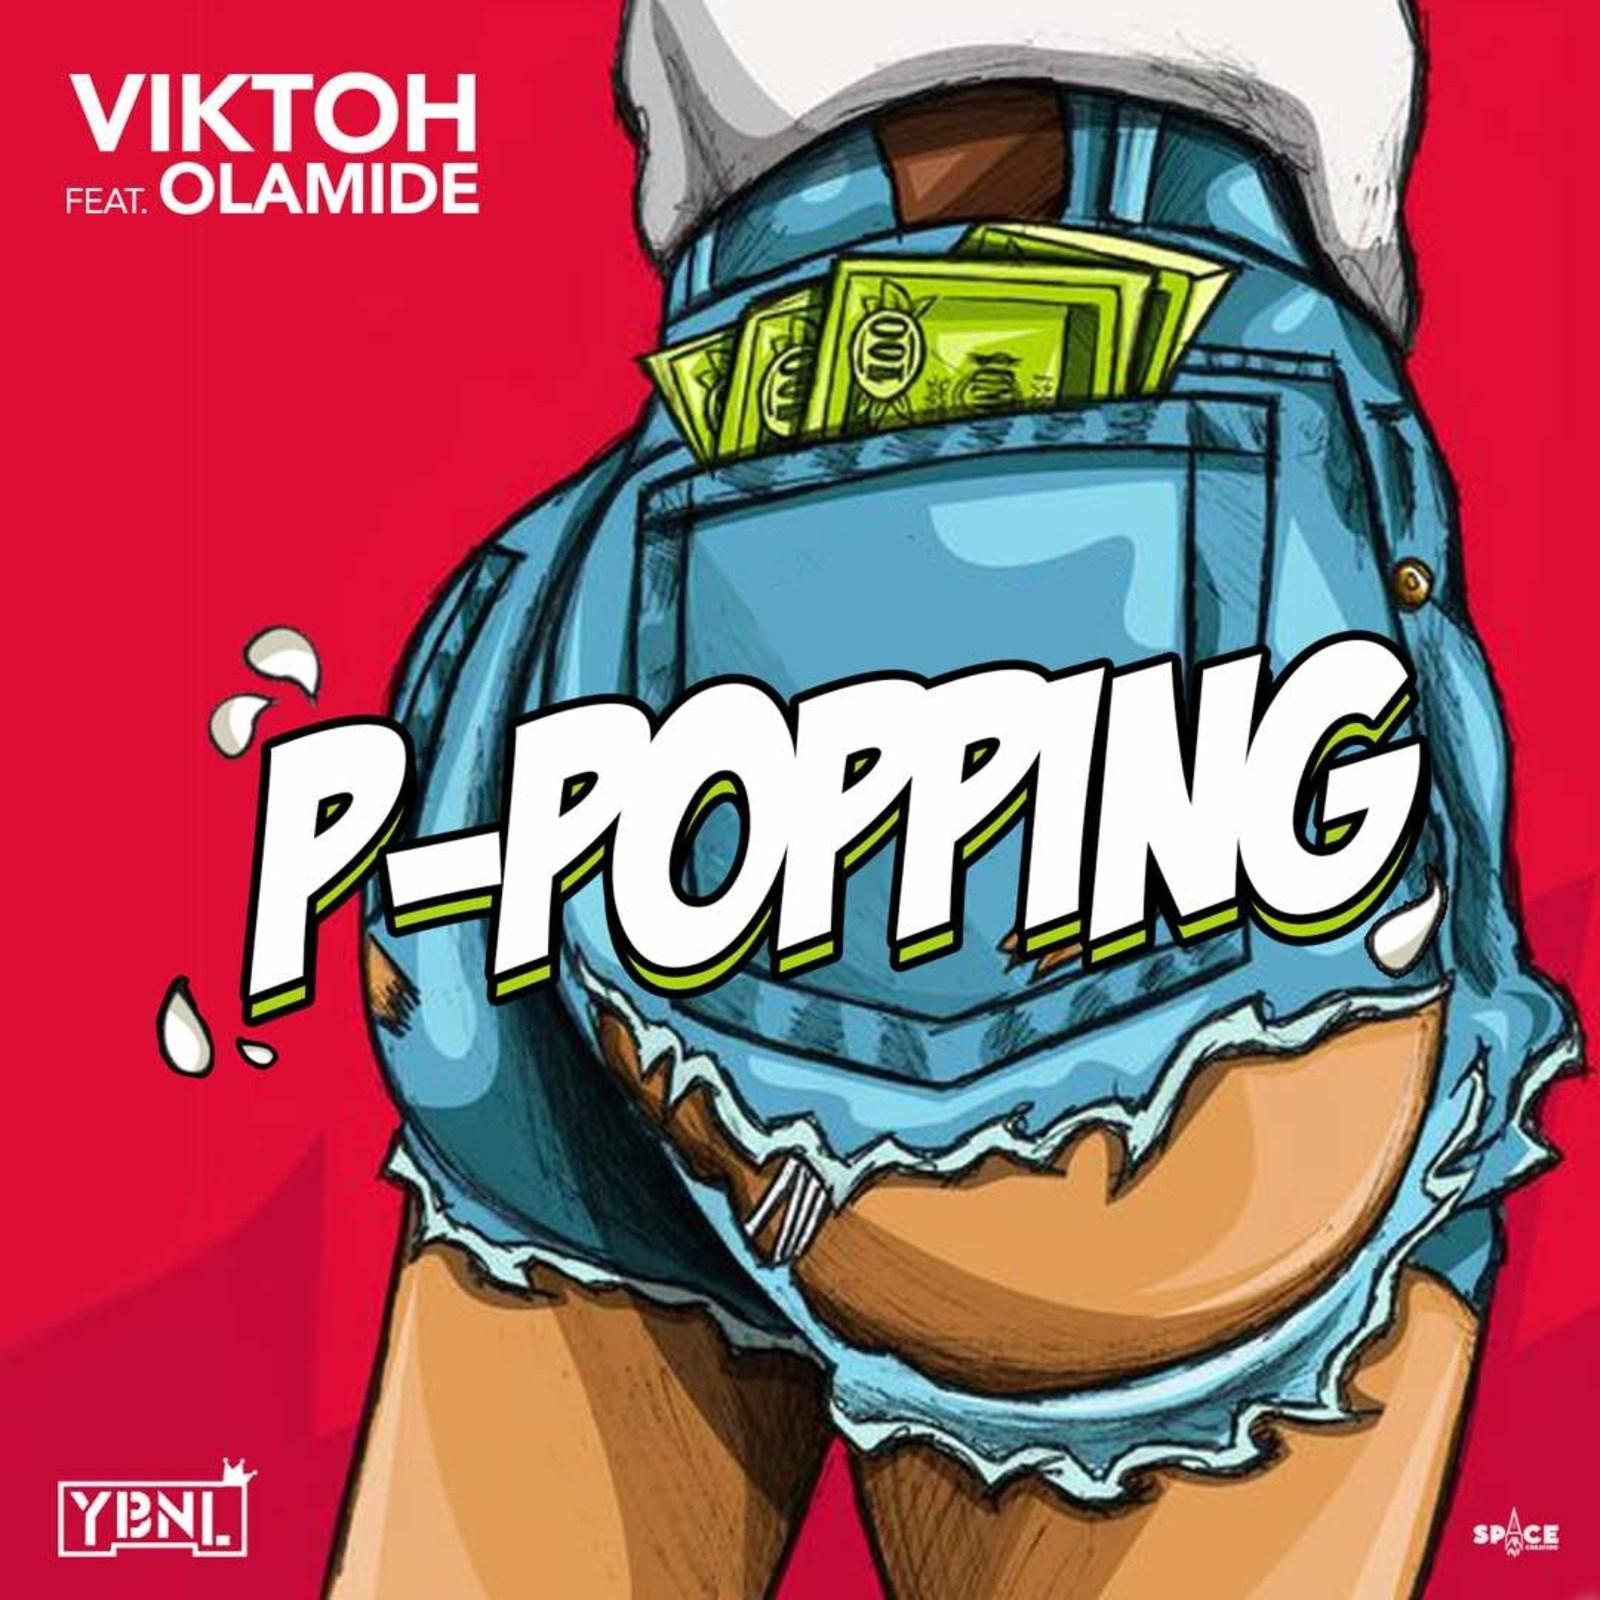 P Popping - MUSIC: Viktoh – P Popping ft. Olamide